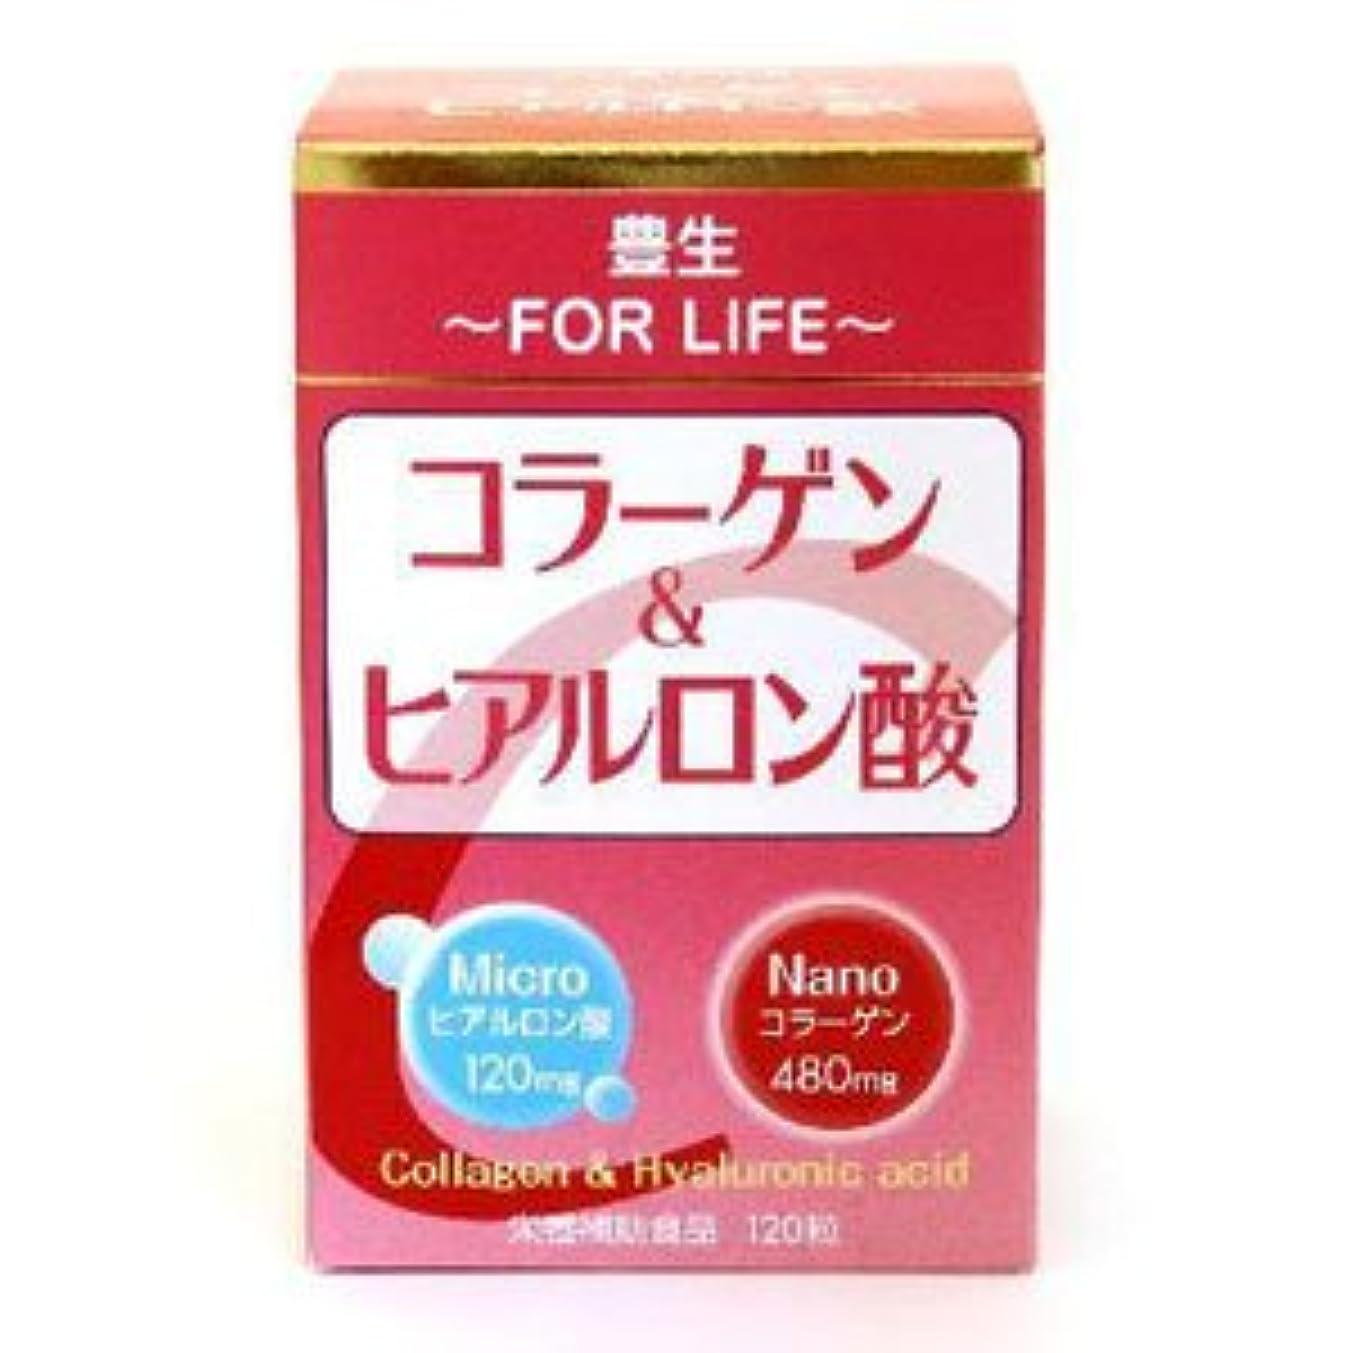 ライン講堂ペック【丸藤】豊生 コラーゲン&ヒアルロン酸 120粒